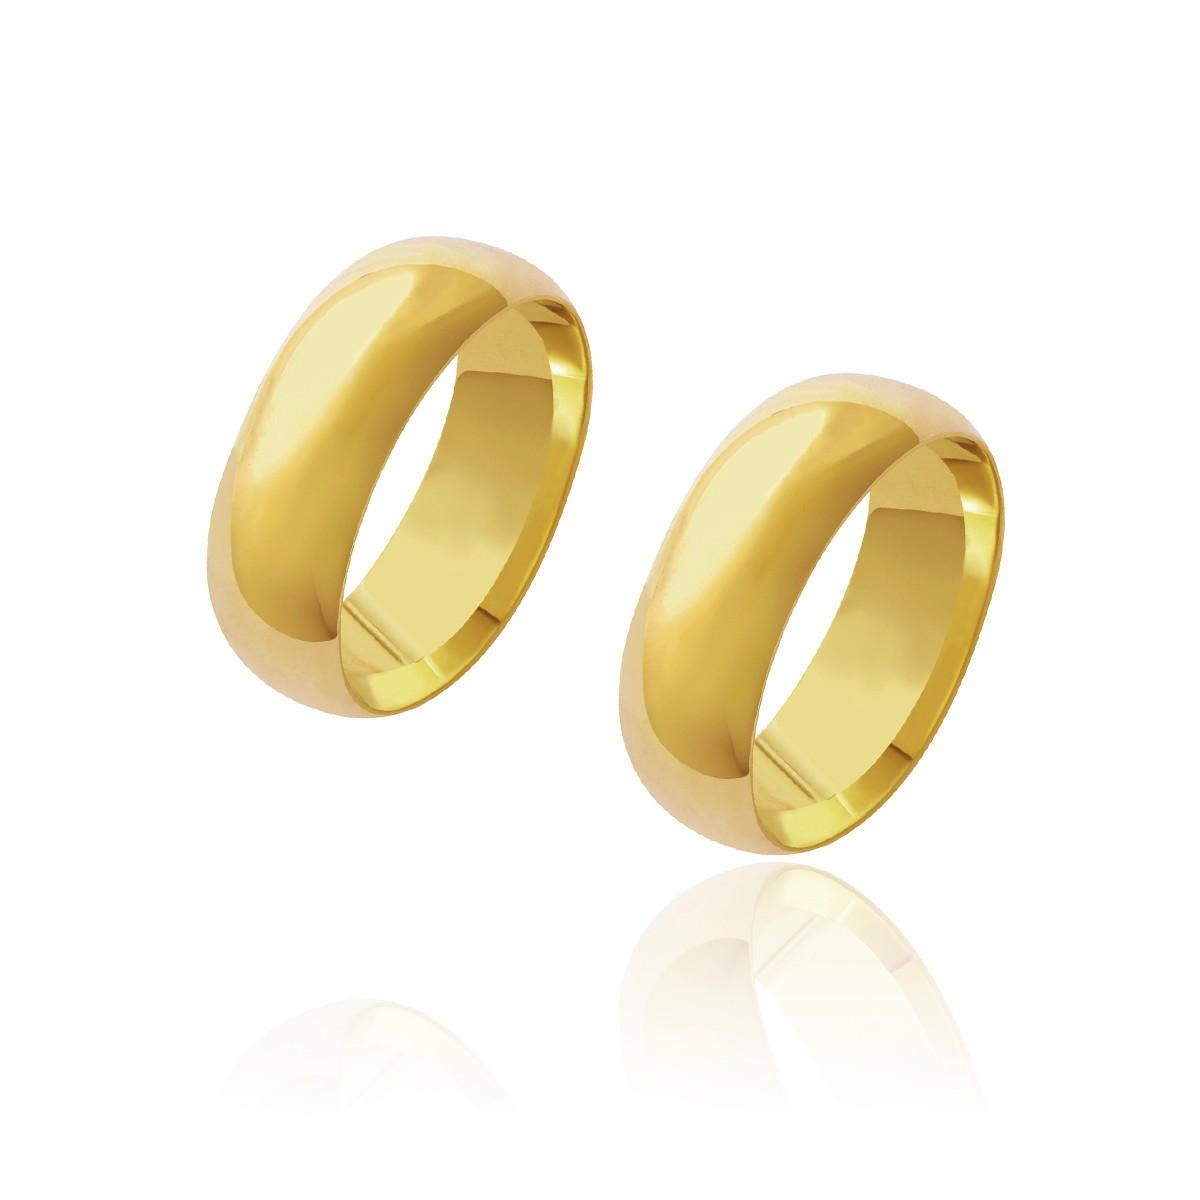 Par de Alianças de Casamento Diana Ouro Abaulada Polida Lisa 7mm 10g